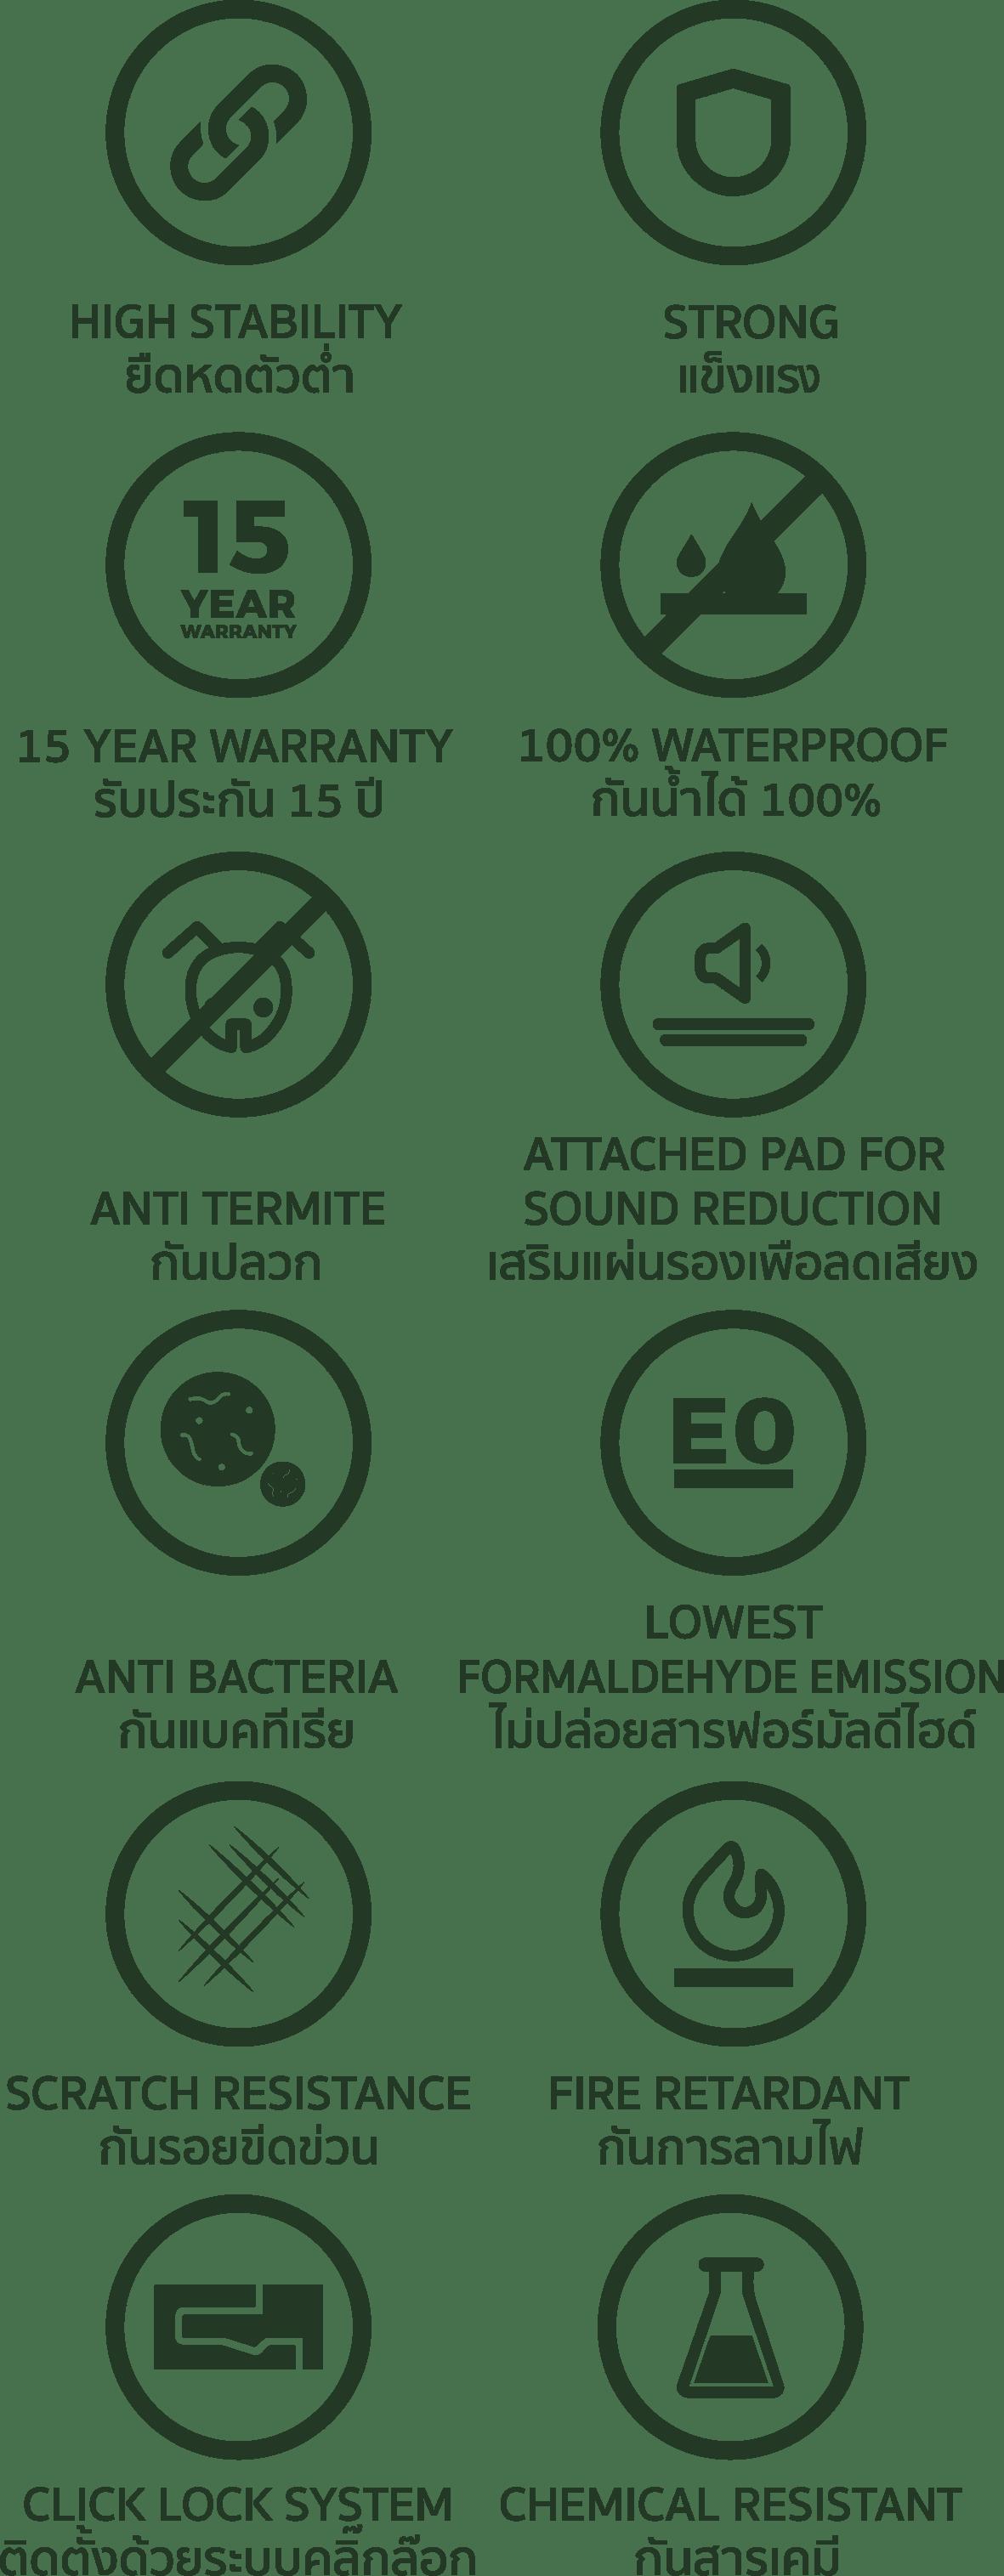 พื้นไม้ลามิเนต smartmatt มีคุณสมบัติพิเศษ 01-high stable- ยืดหดตัวต่ำ 02-Strong-แข็งแรง 03-Waterproof-กันน้ำได้ 100% 04-Warranty-รับประกัน 15 ปี 05-Anti-Termite-กันปลวก 06-Attached pad for sound reduction เสริมแผ่นรองเพื่อลดเสียง 07-Lowest Formaldehyde Emission-ไม่ปล่อยสารฟอร์มัลดีไฮต์ 08-Anti bacteria-กันแบคทีเรีย 09-Scratch-resistance-กันรอยขีดข่วน 10-Fire retardant-กันการลามไฟ 11-click-lock-system-ติดตั้งด้วยระบบคลิ๊กล็อก 12-Chemical-assistant-กันสารเคมี